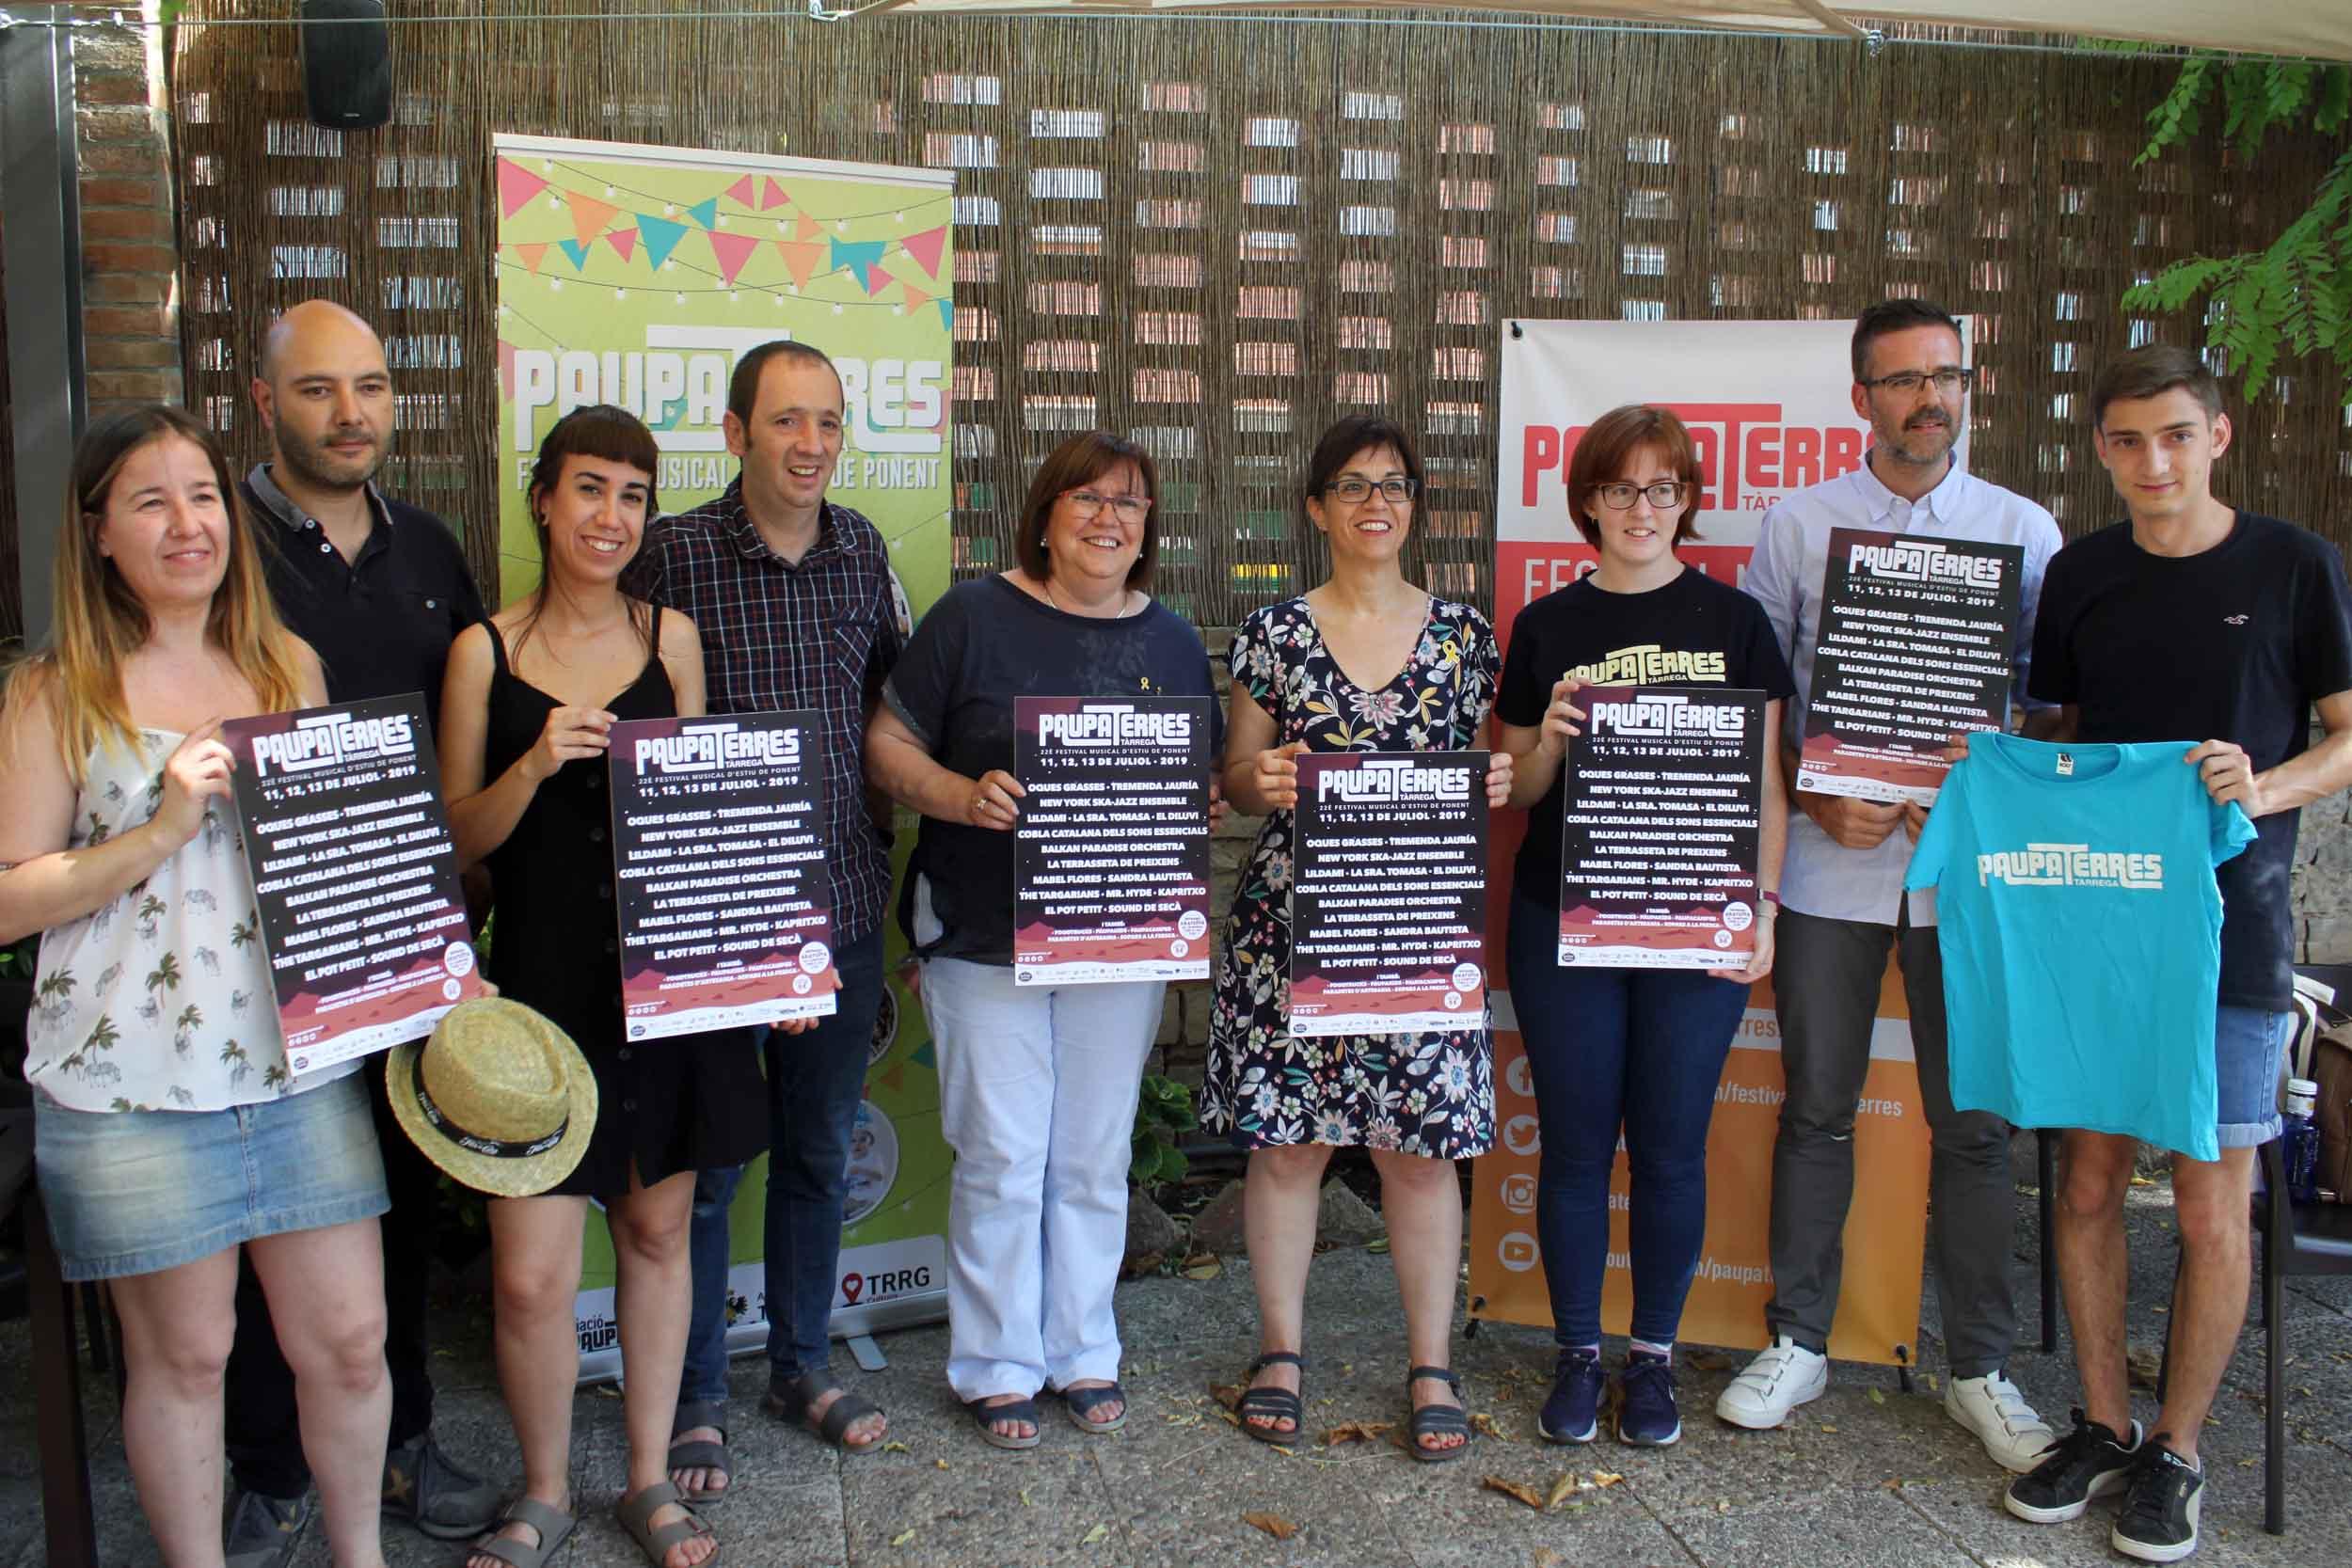 Tàrrega celebrarà de l'11 al 13 de juliol  el  Paupaterres, que concentrarà 16 formacions de l'actual escena musical